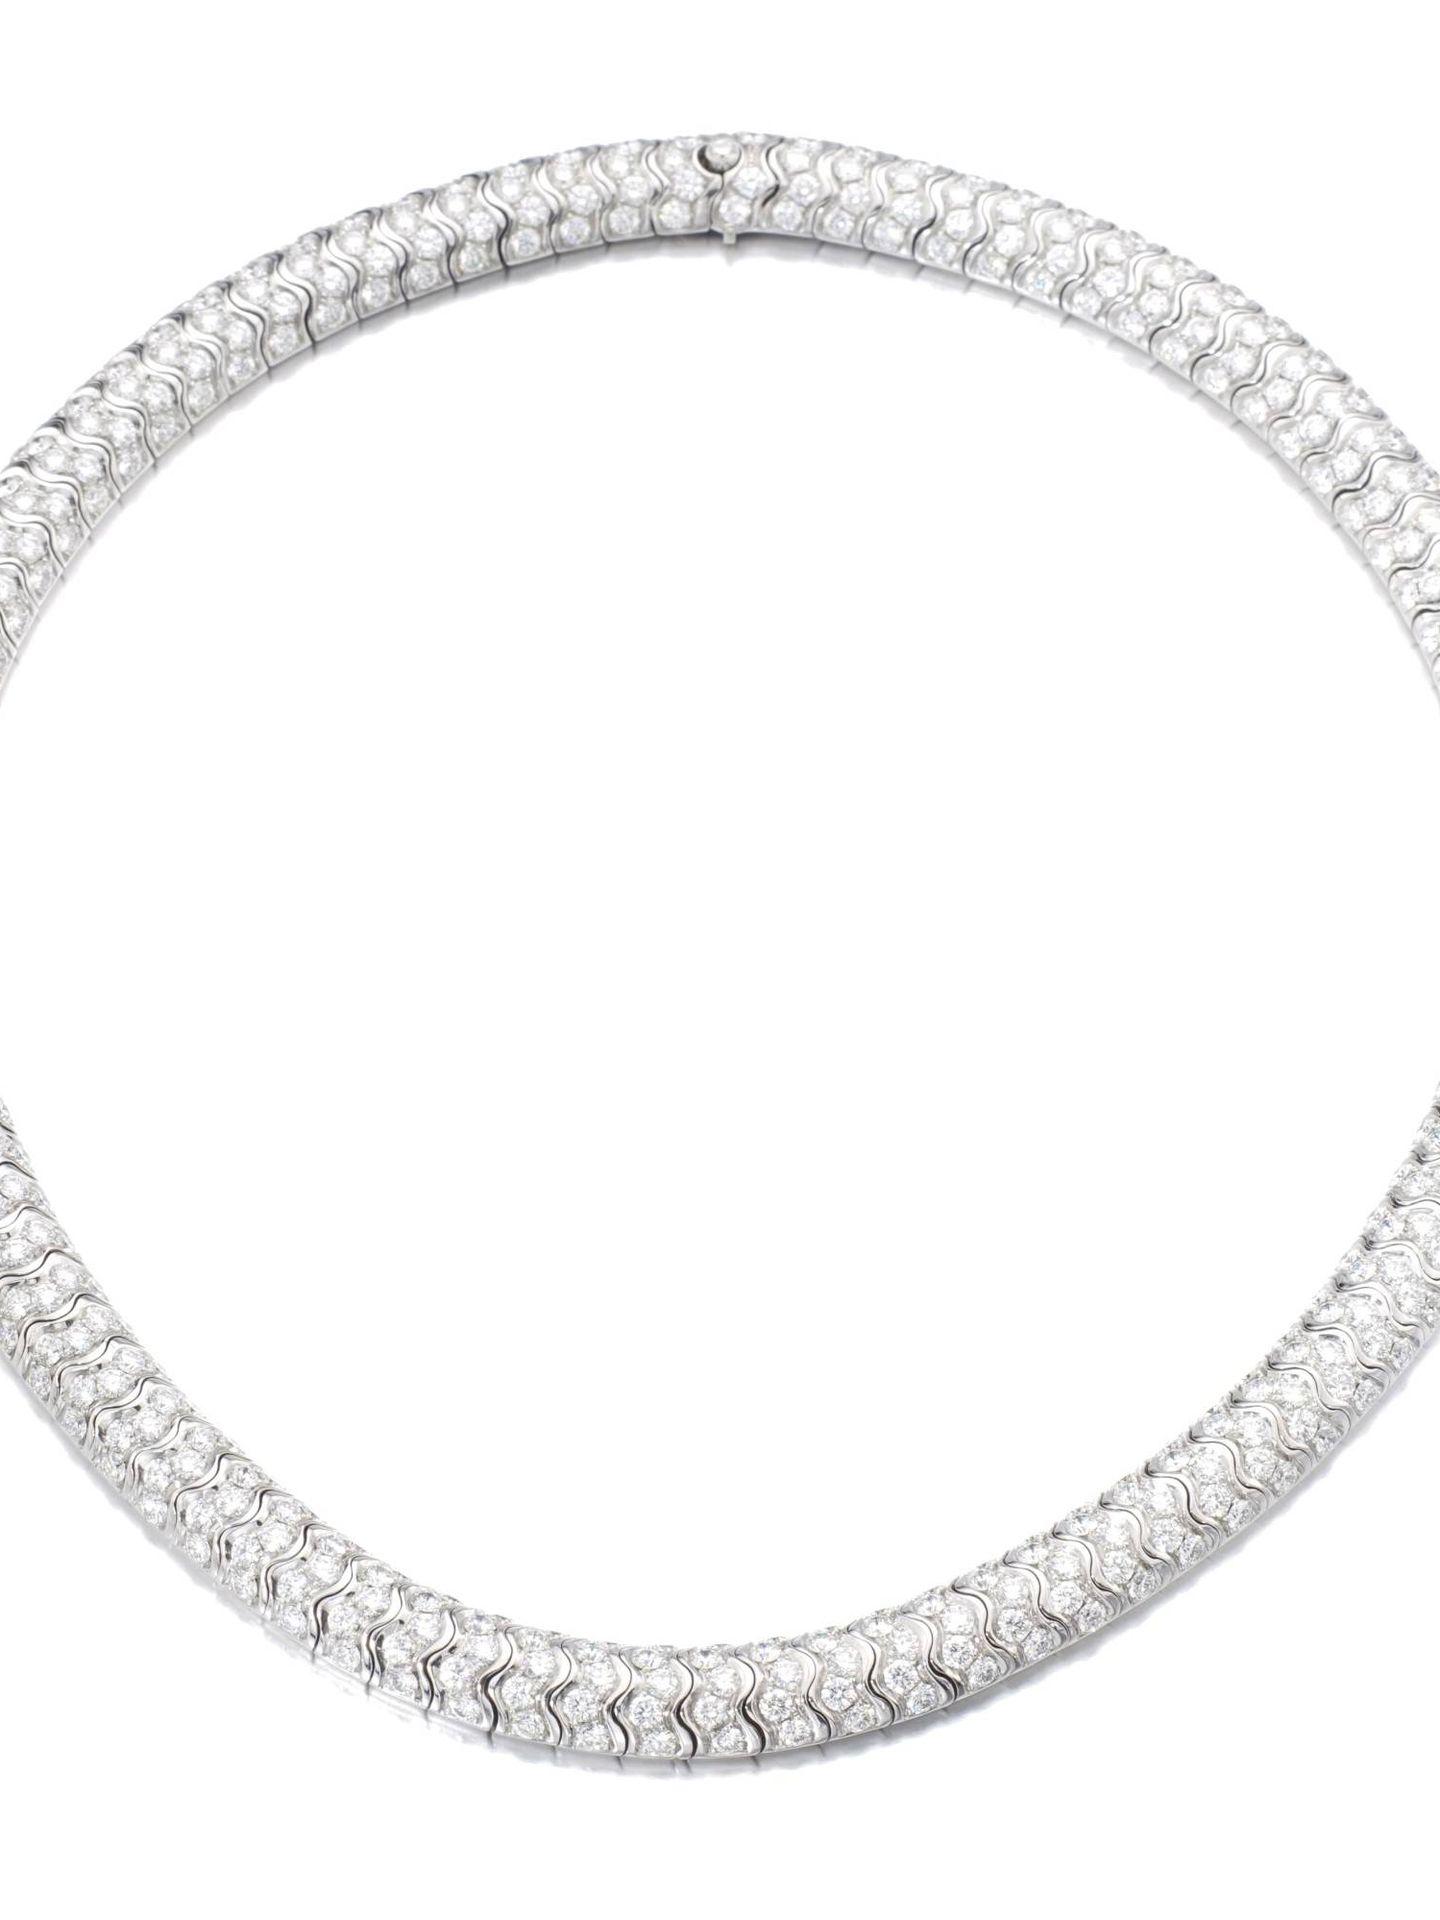 El collar de De Grisogono subastado en Sotheby's.